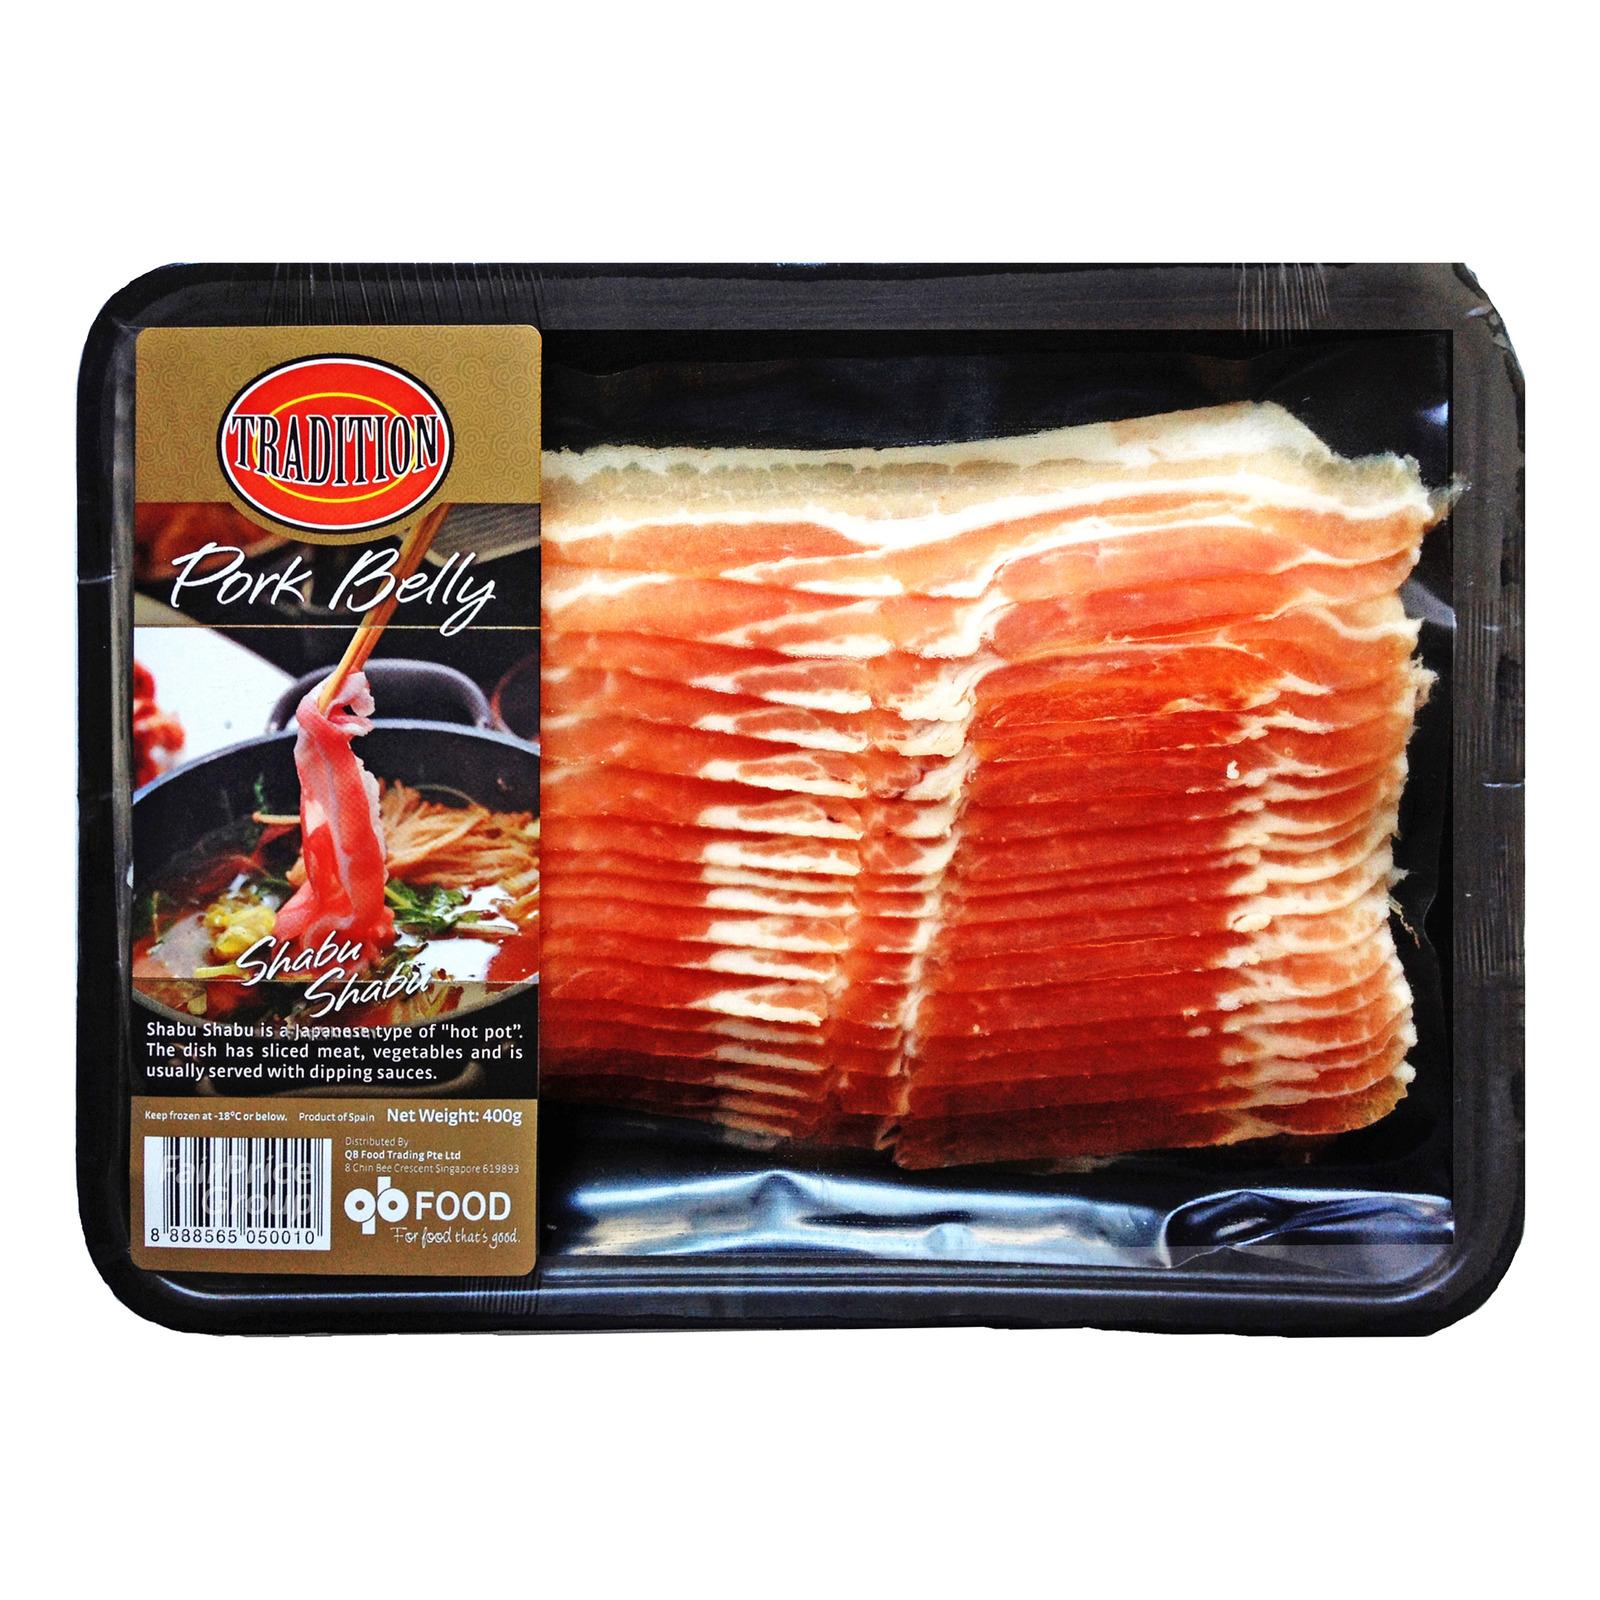 Tradition Frozen Shabu Shabu - Pork Belly